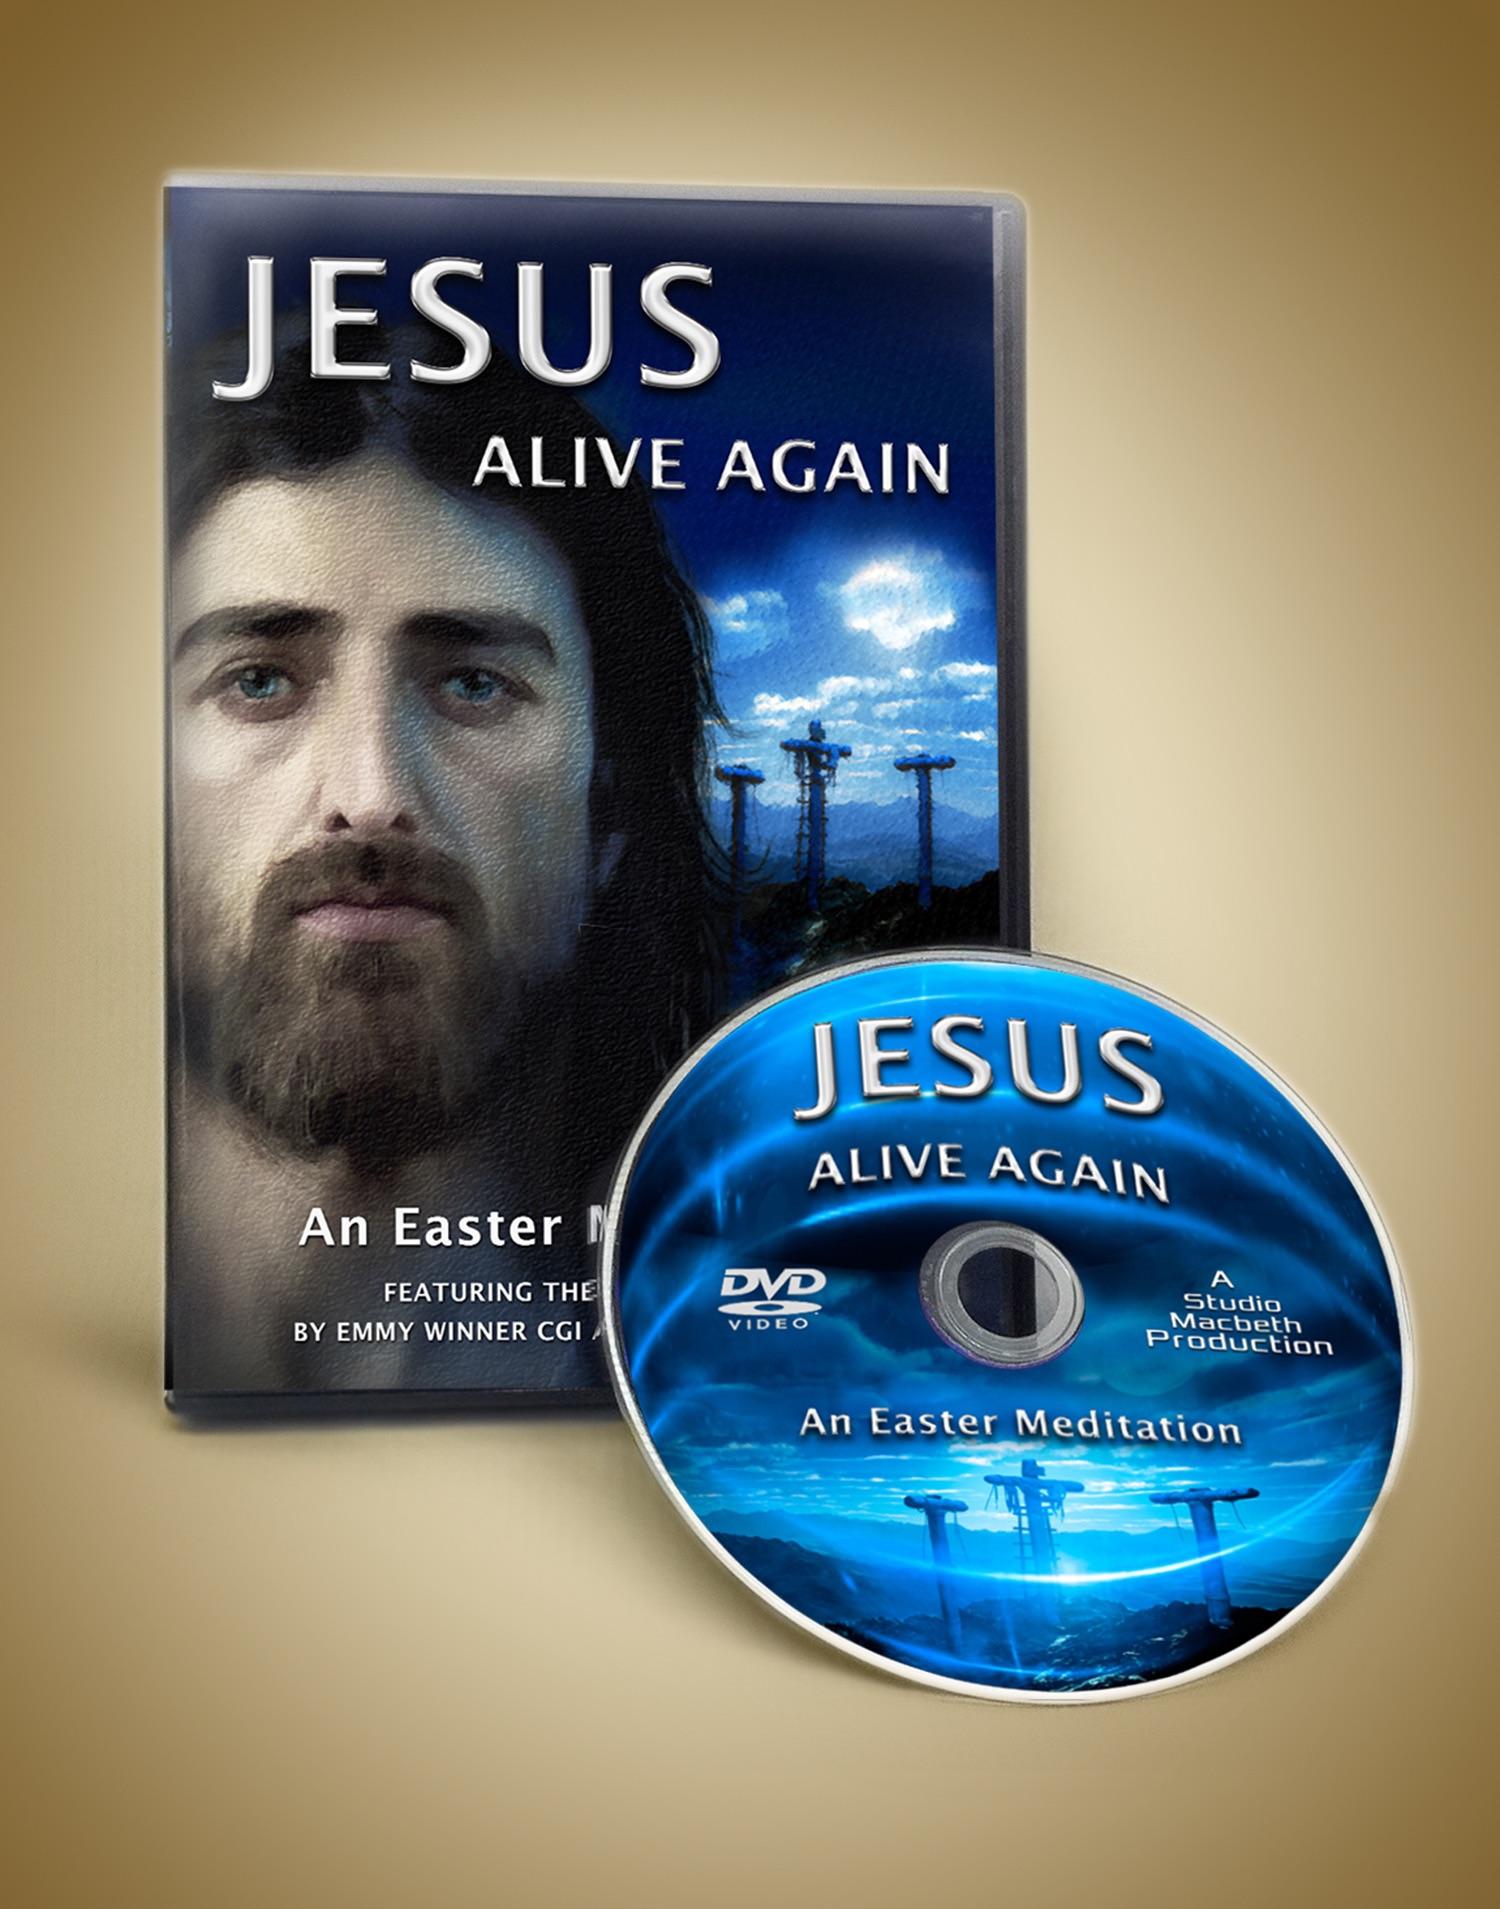 Jesus-pictures-DVD 2.jpg